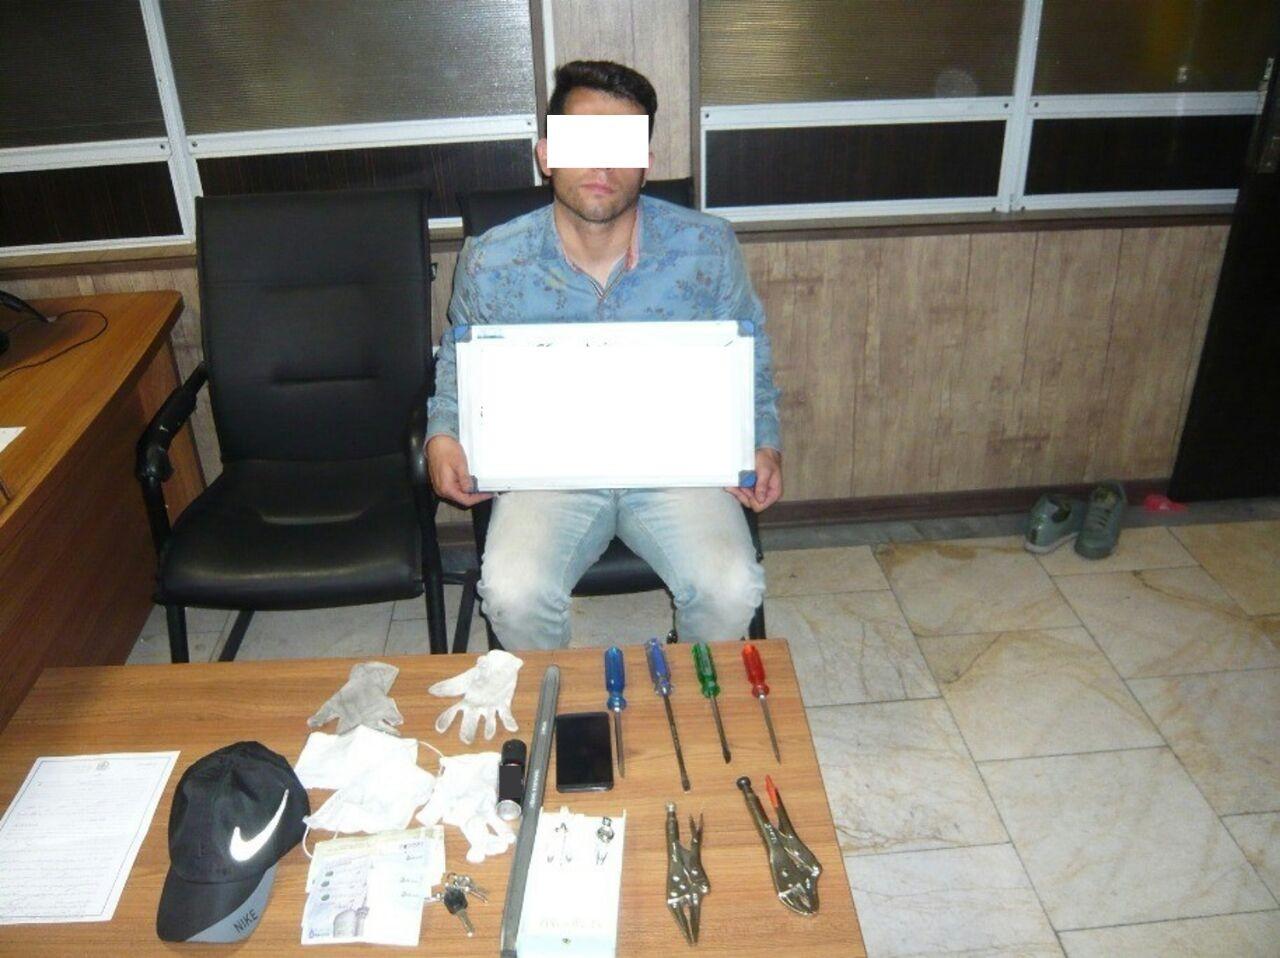 دستگیری سارقان جواهر هنگام فرار + عکس